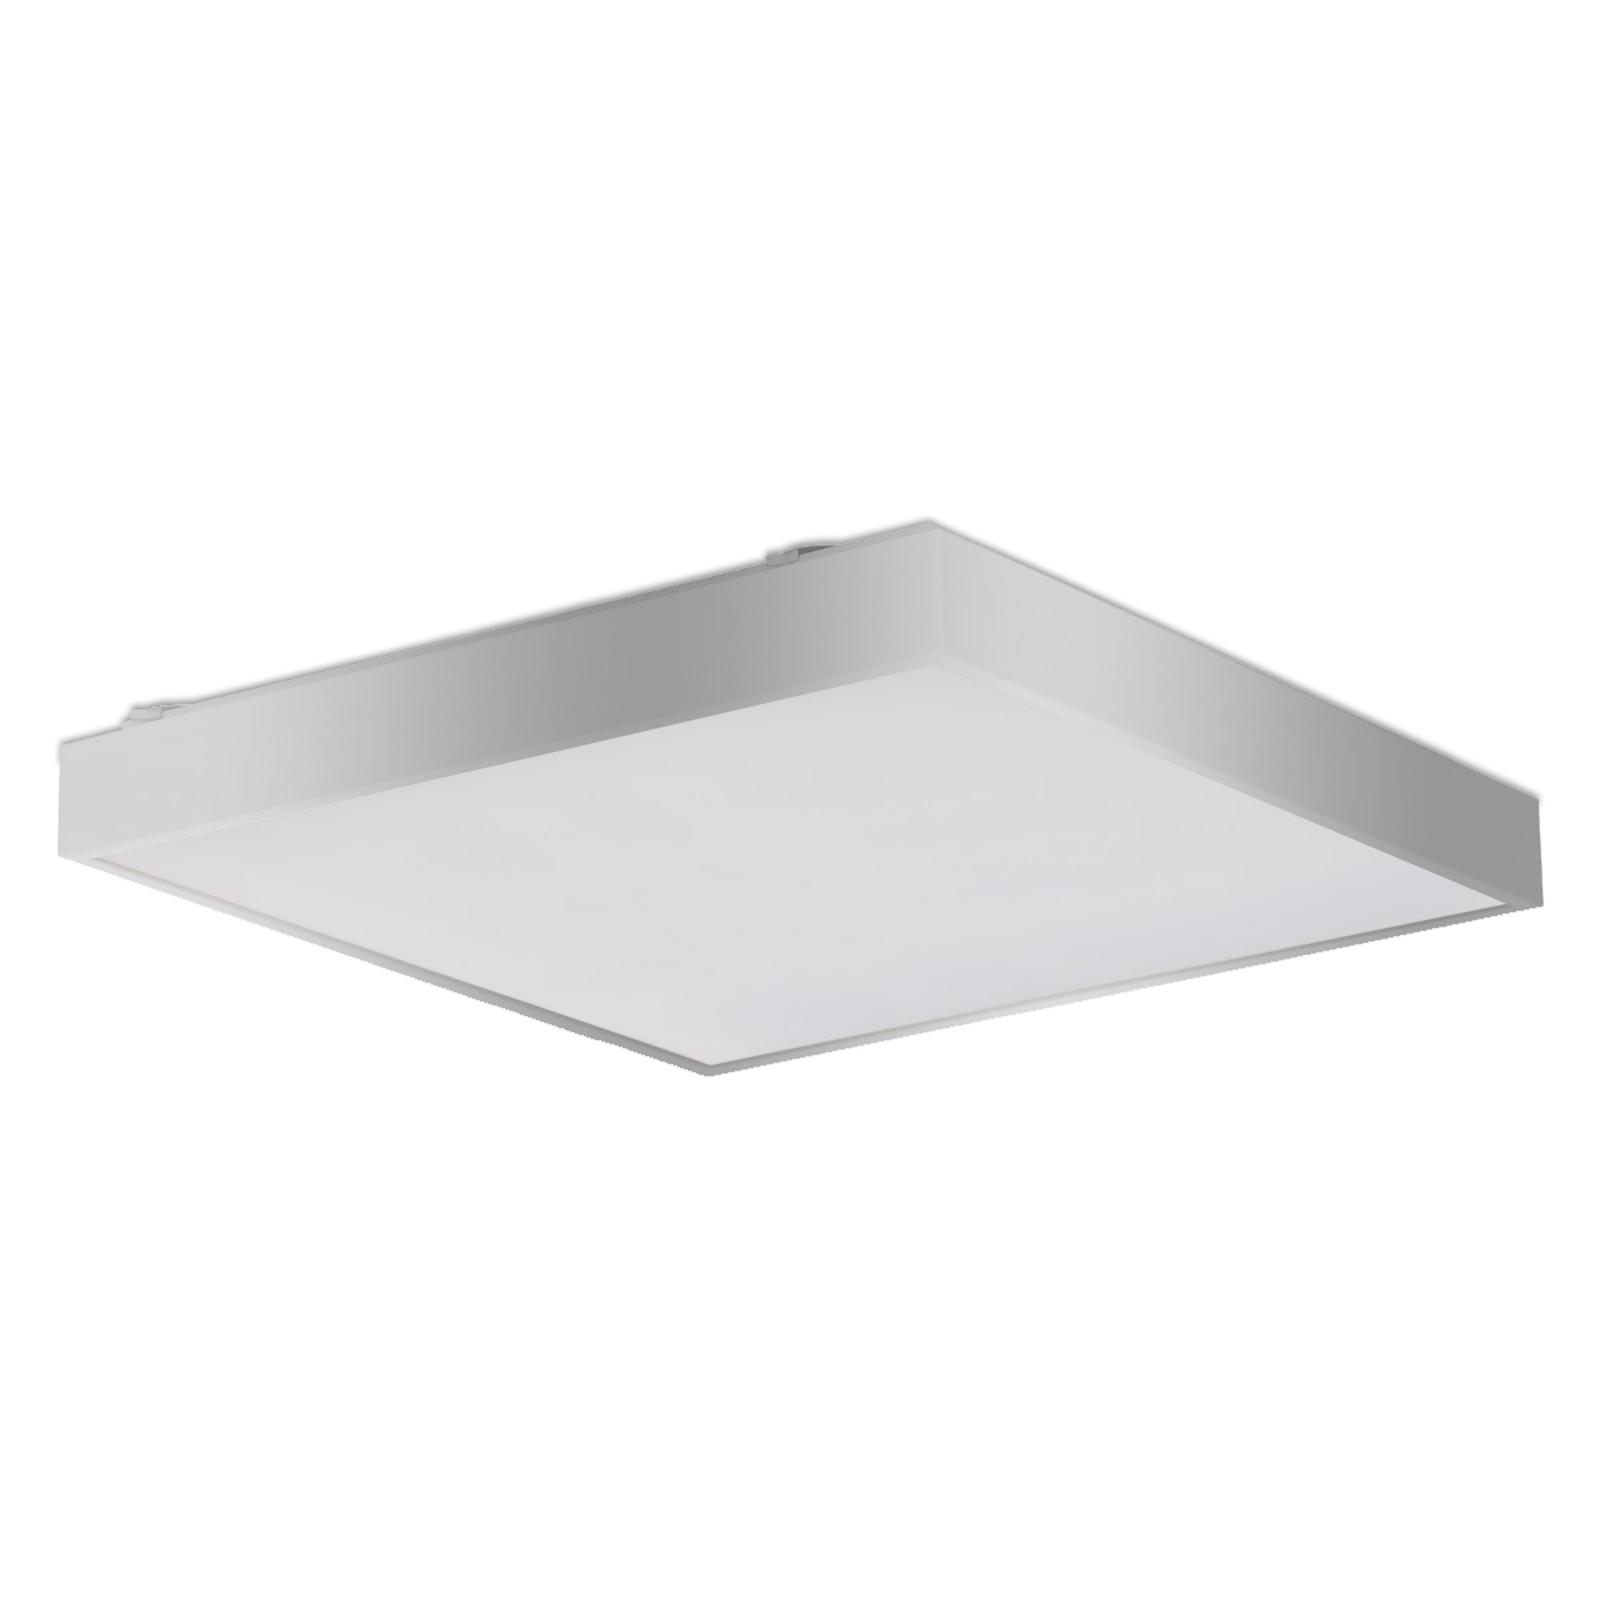 Säästeliäs LED-kattovalaisin Q6 hopea DALI